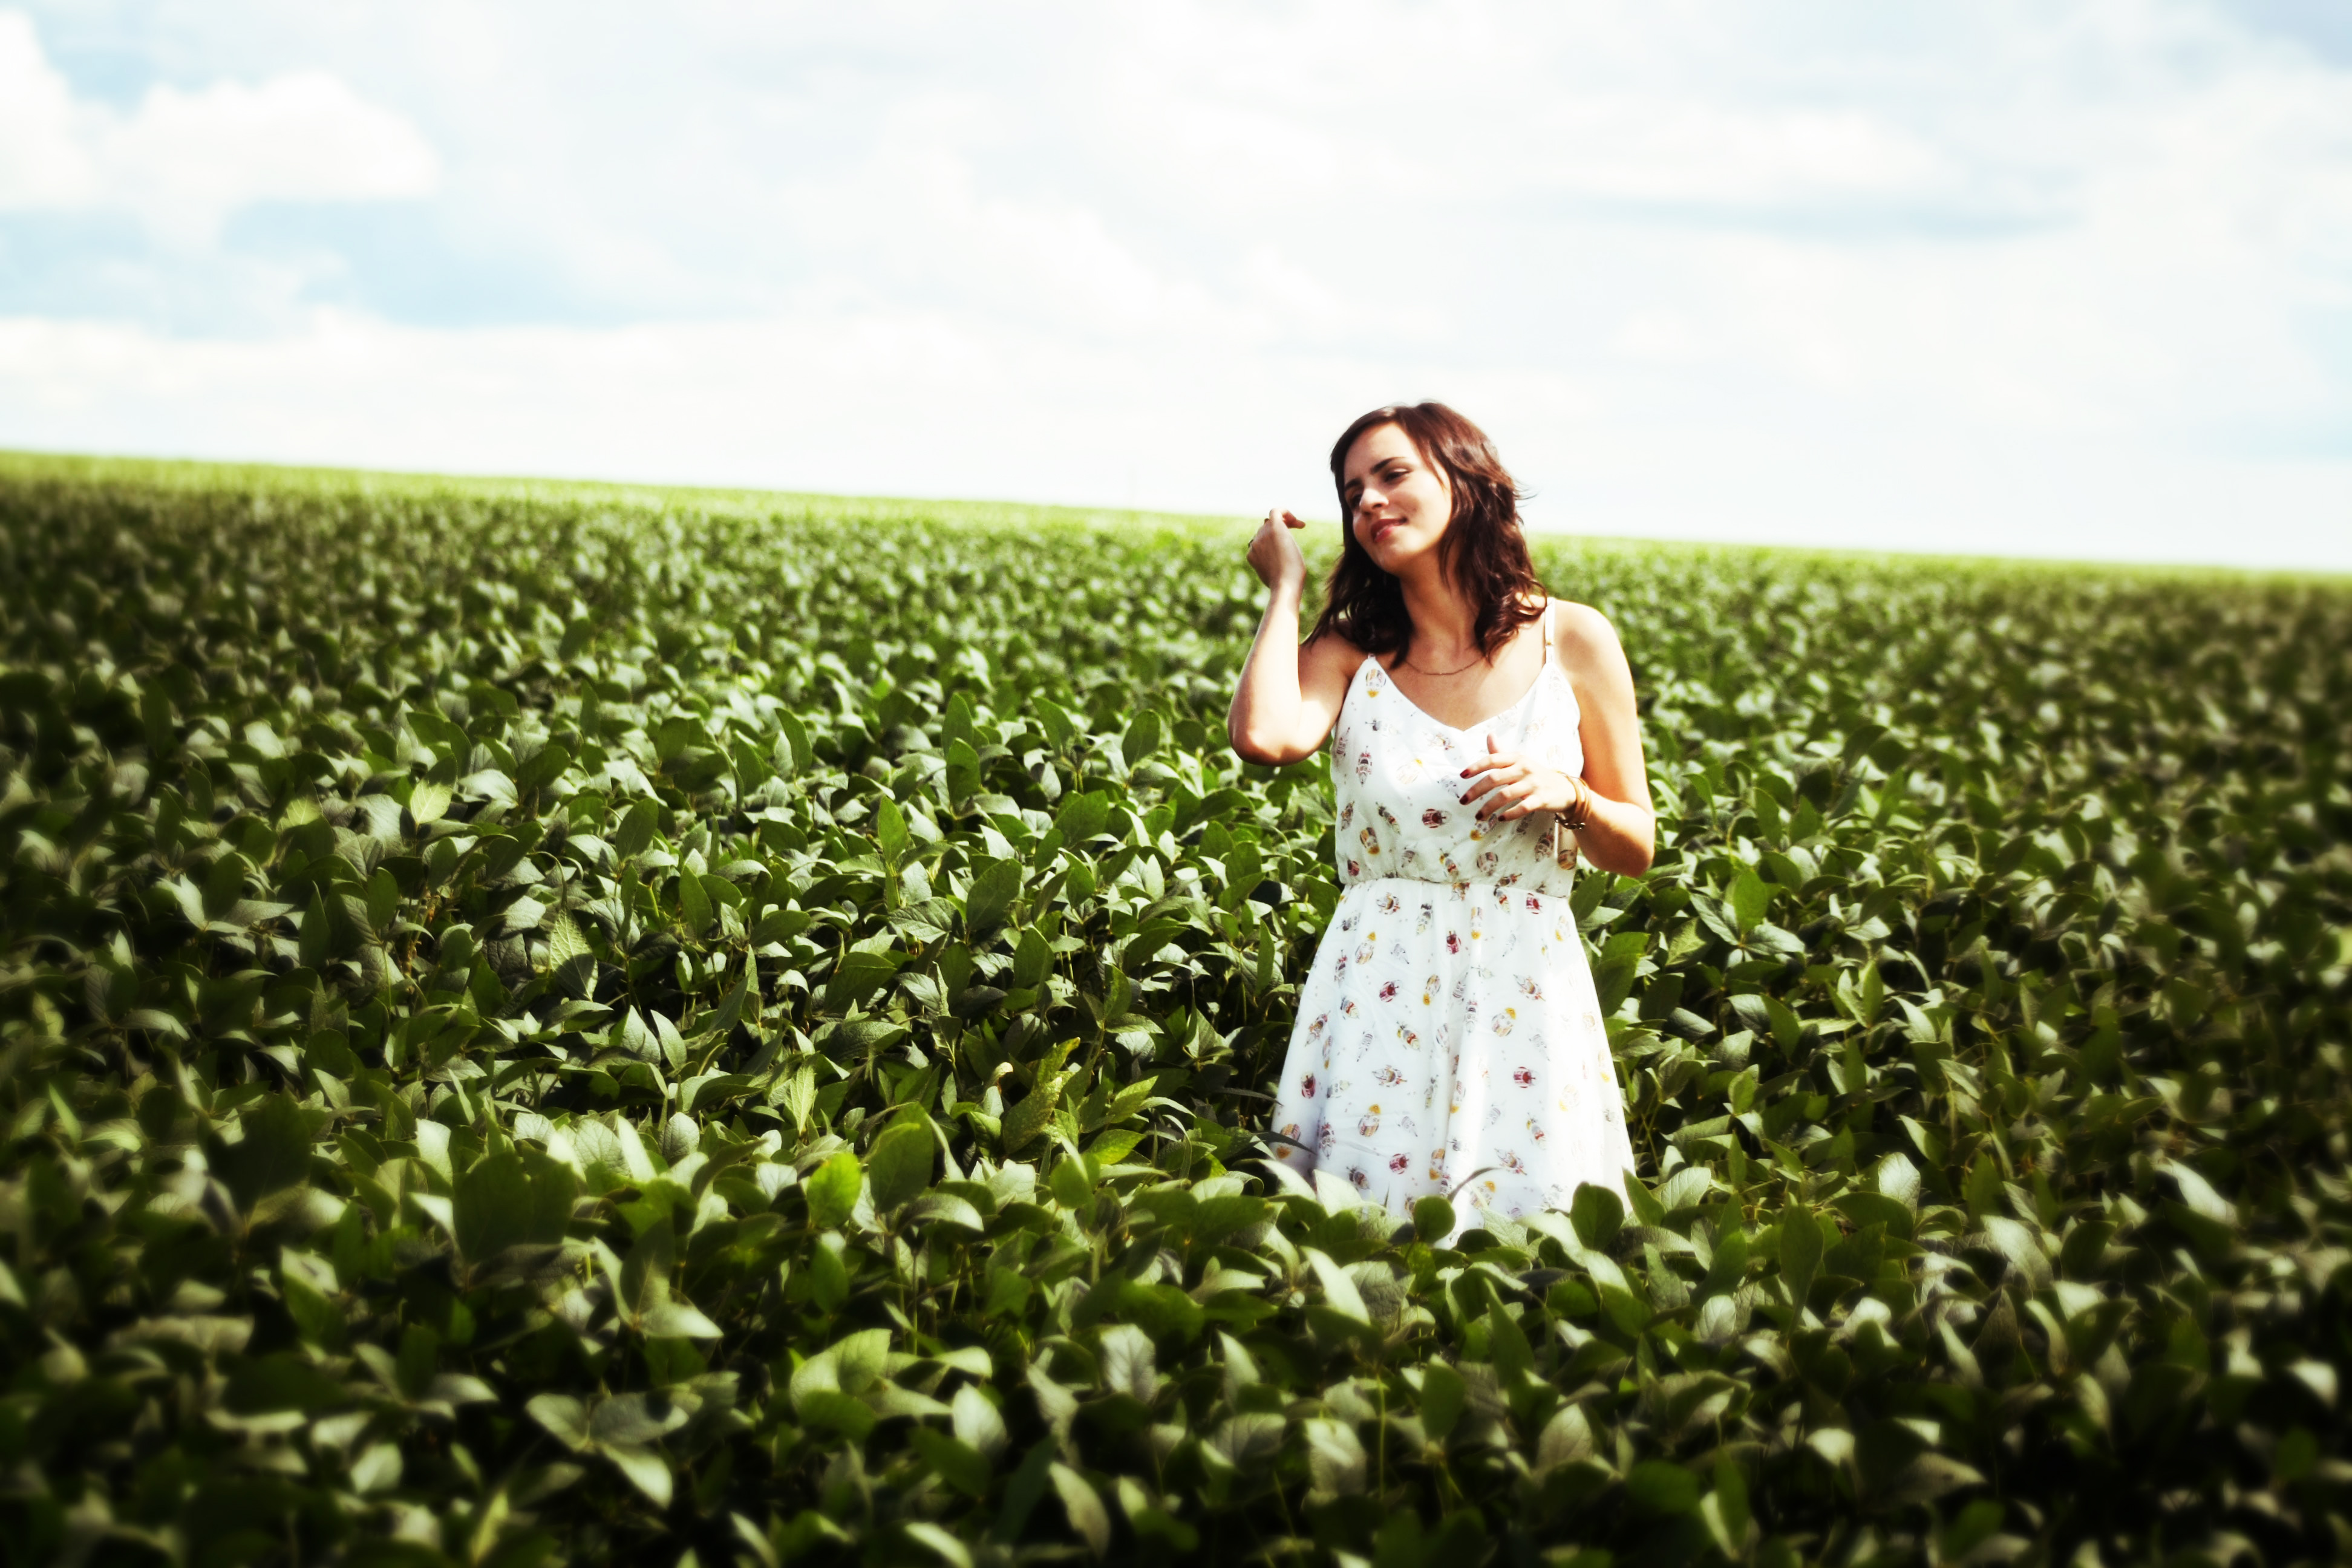 cô gái vườn rau kỳ vọng